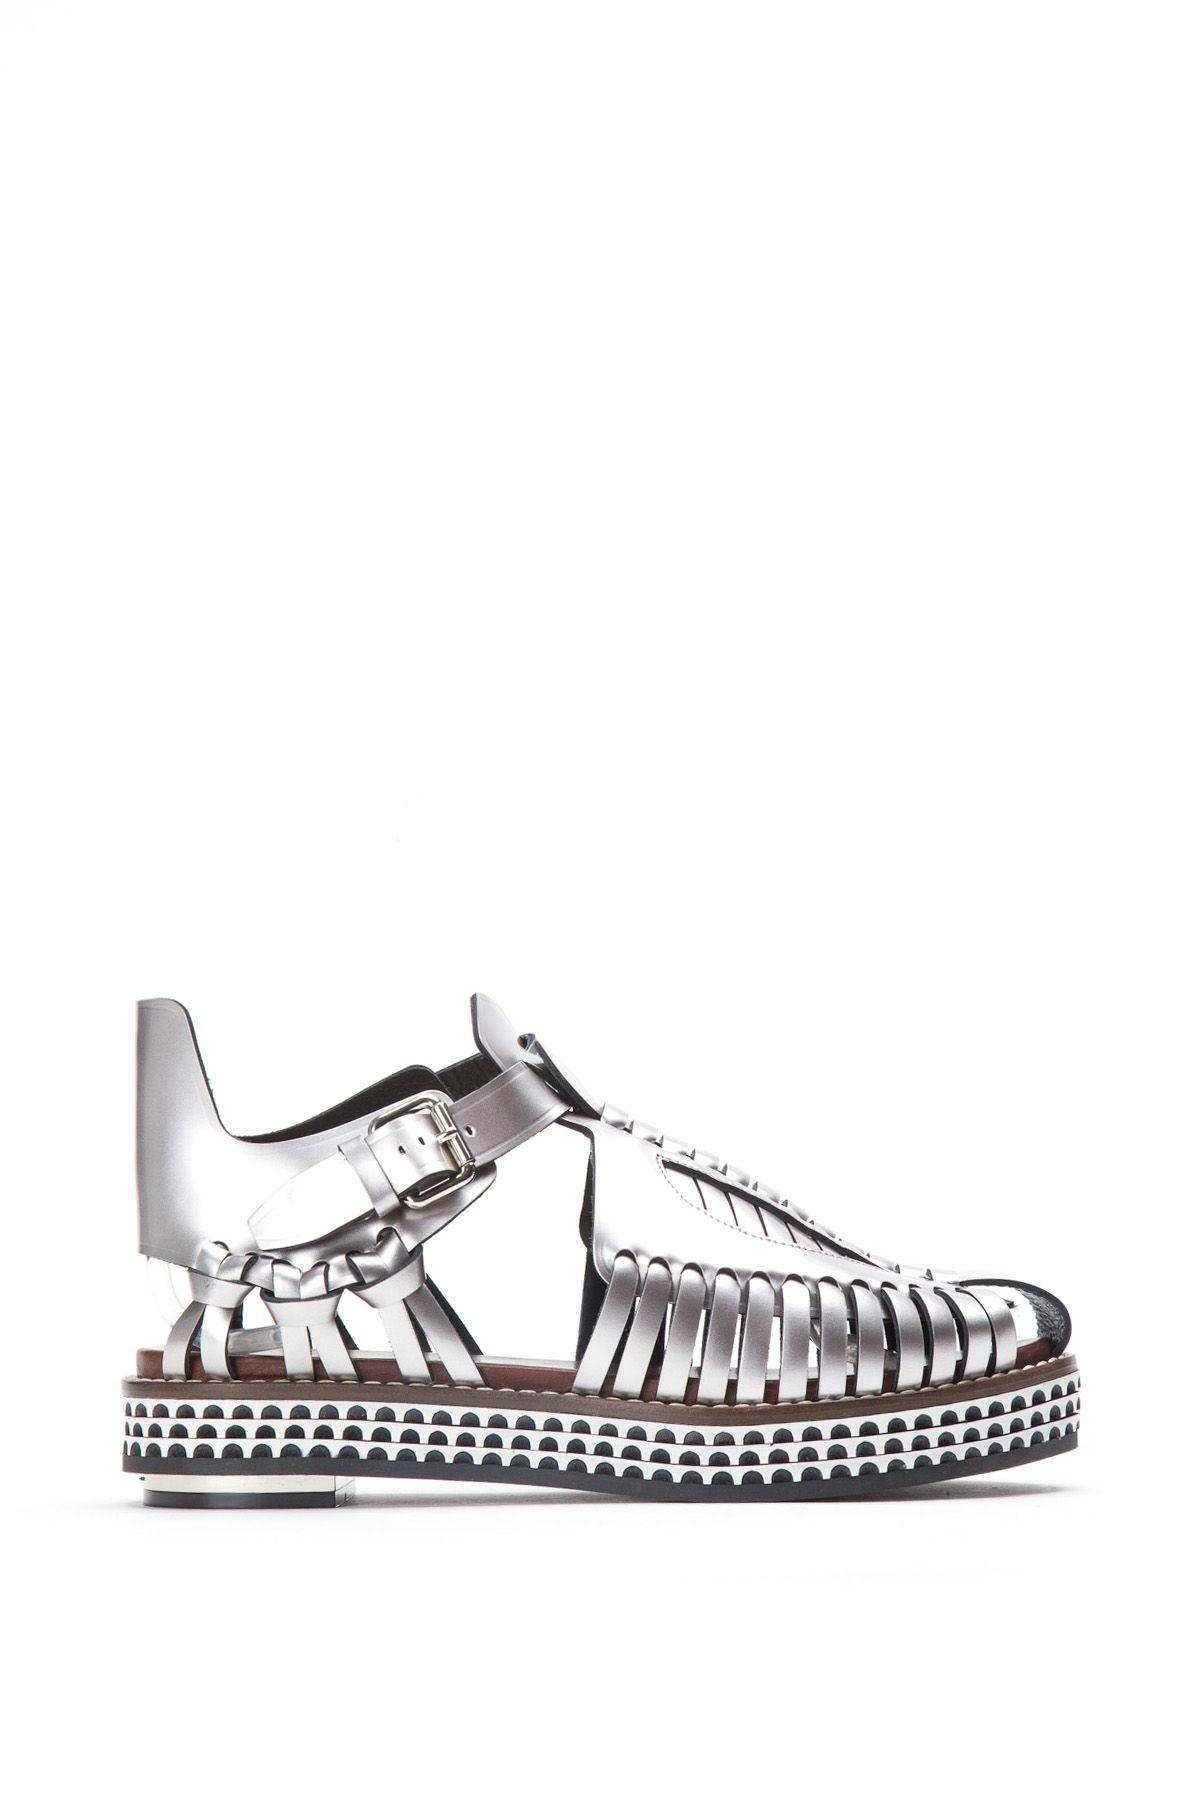 Proenza Schouler Gladiator Platform Sandals